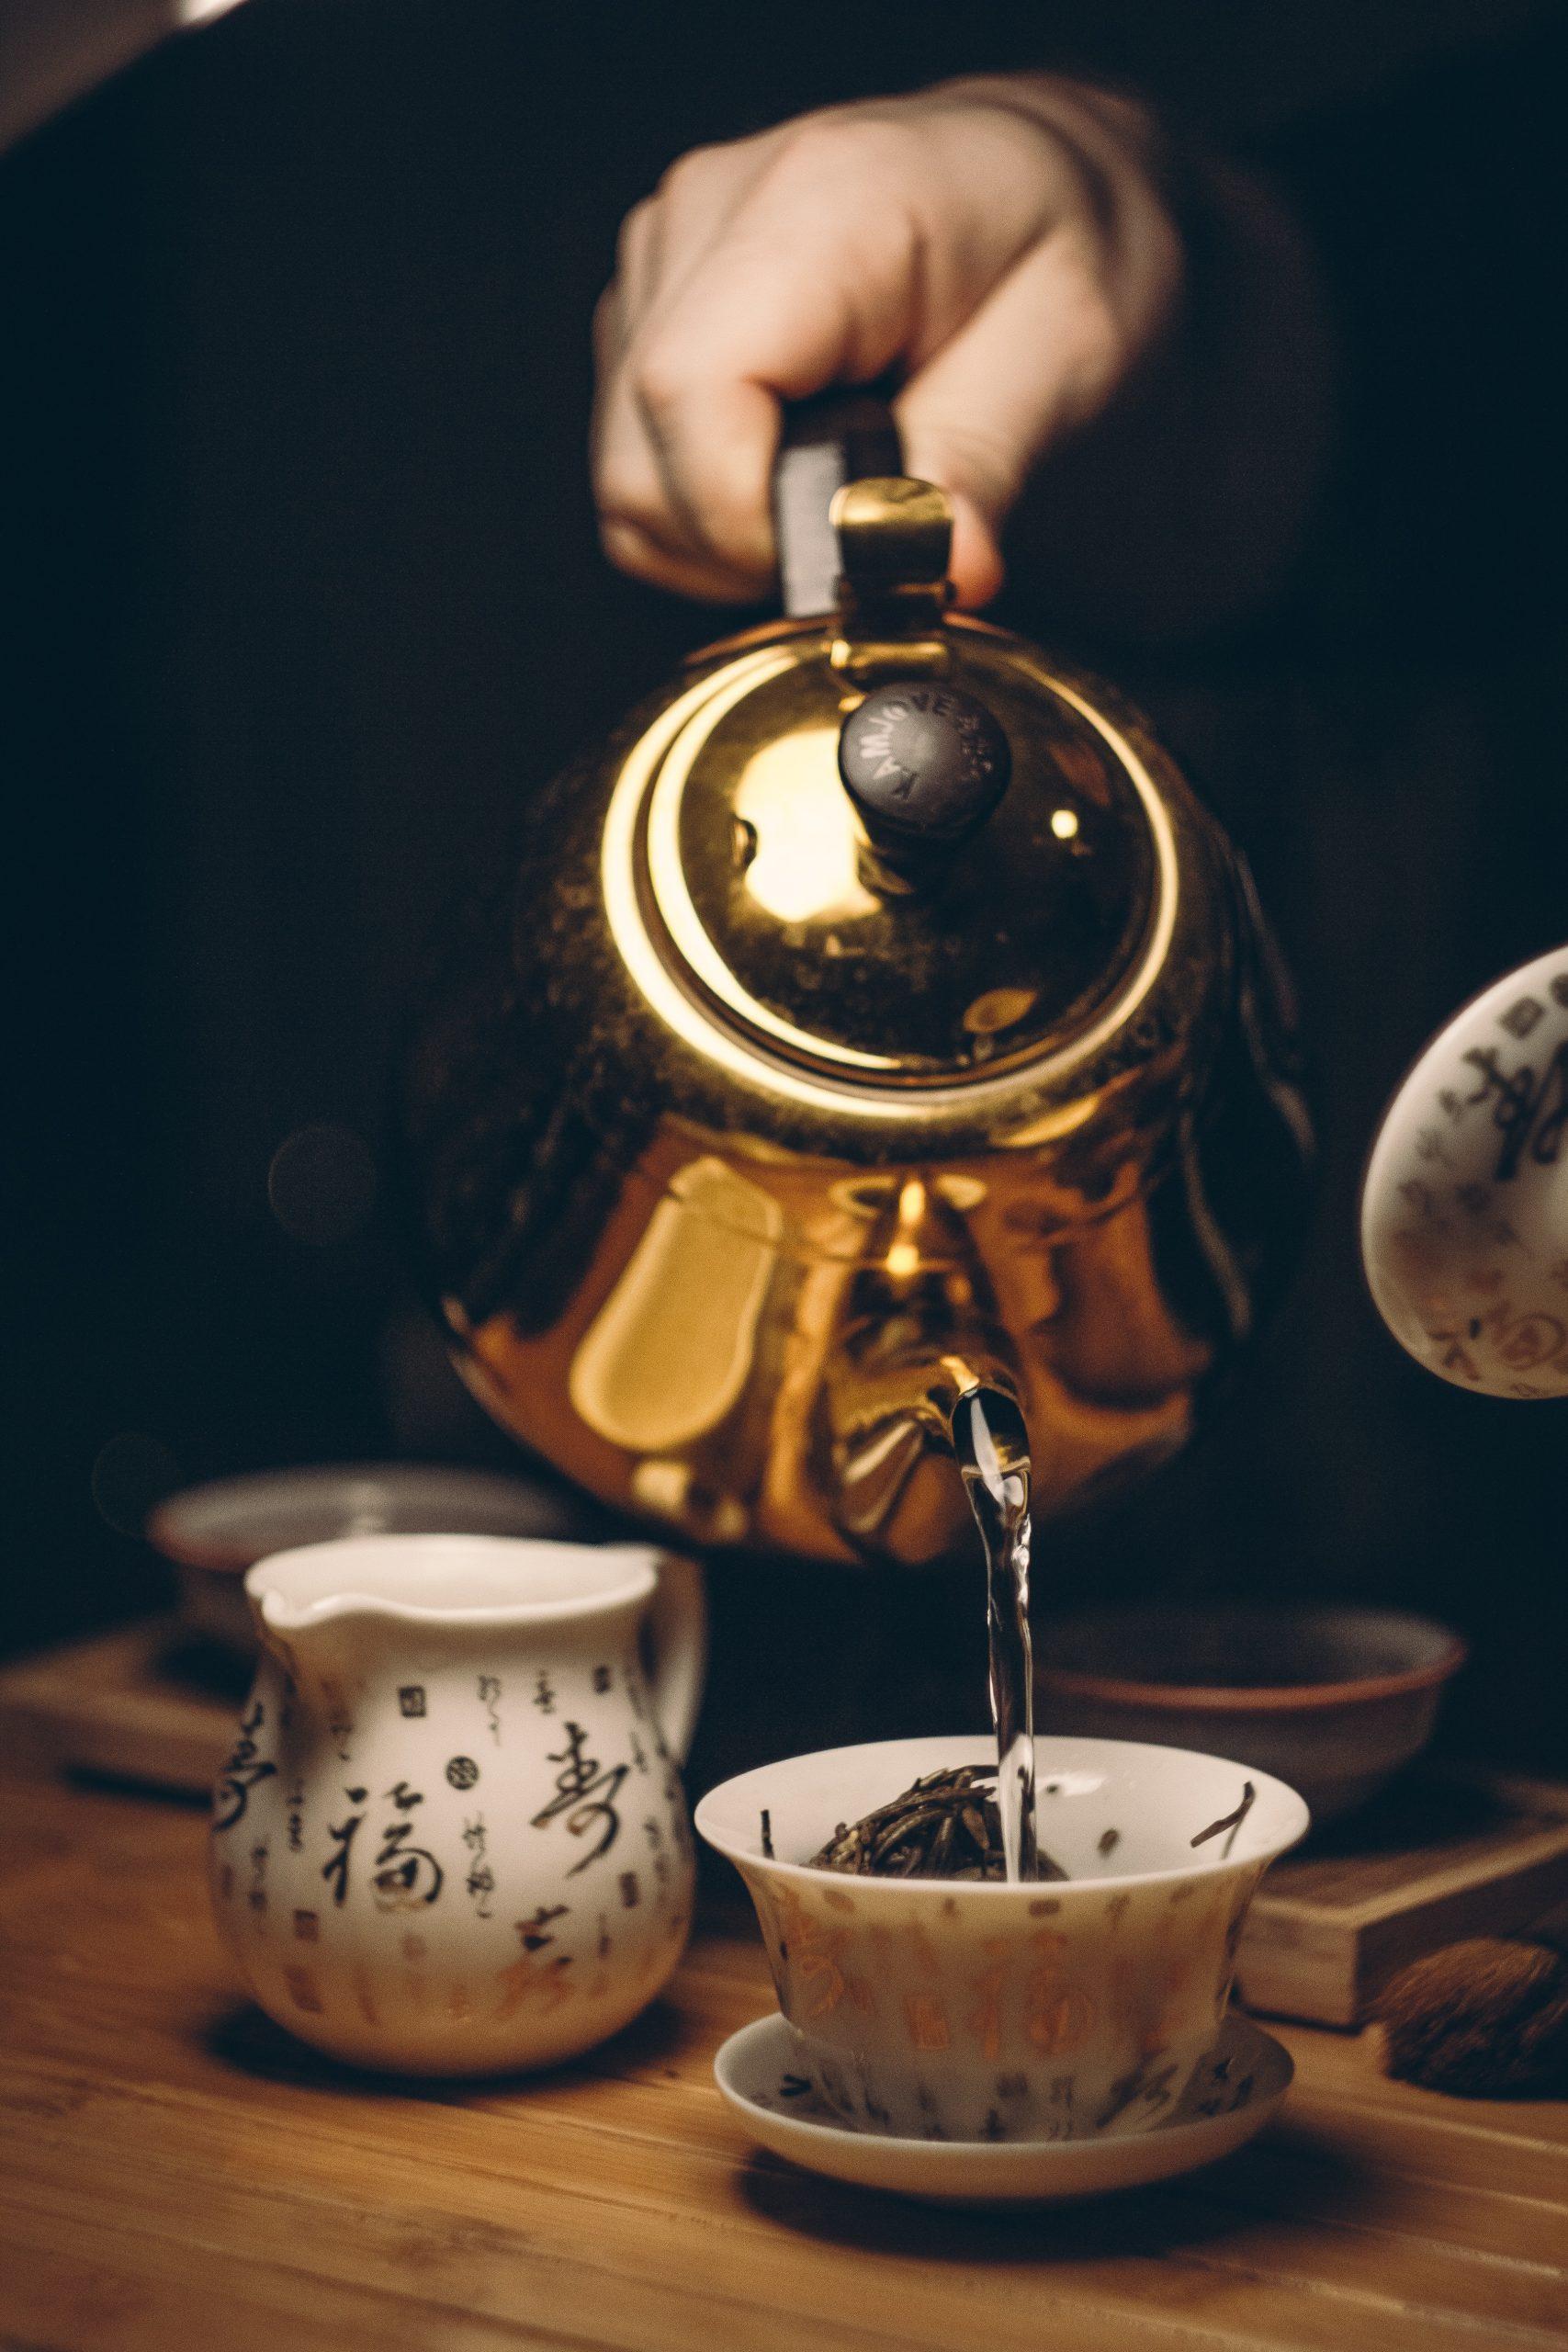 Person Holding Gold Teapot Pouring Into White Ceramic Teacup (Image Courtesy of Nikolay Osmachko)